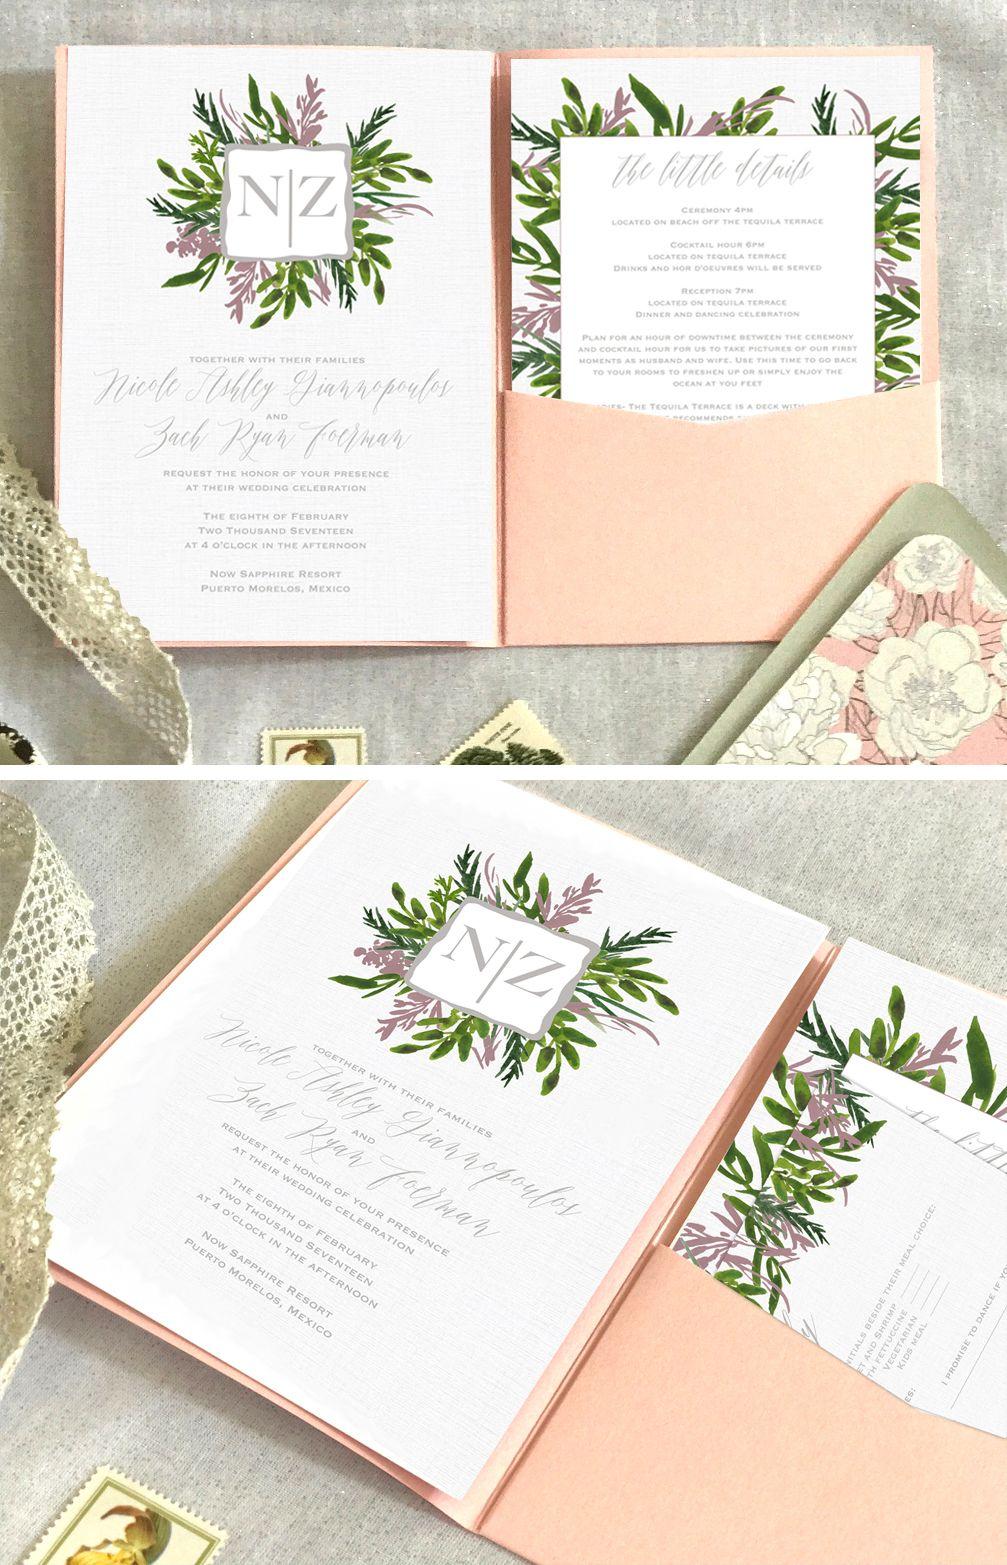 Neutral Wedding Color Invitations Mauve Wedding Invitations Greenery Wedding Cheap Wedding Invitations Digital Wedding Invitations Neutral Wedding Invitation